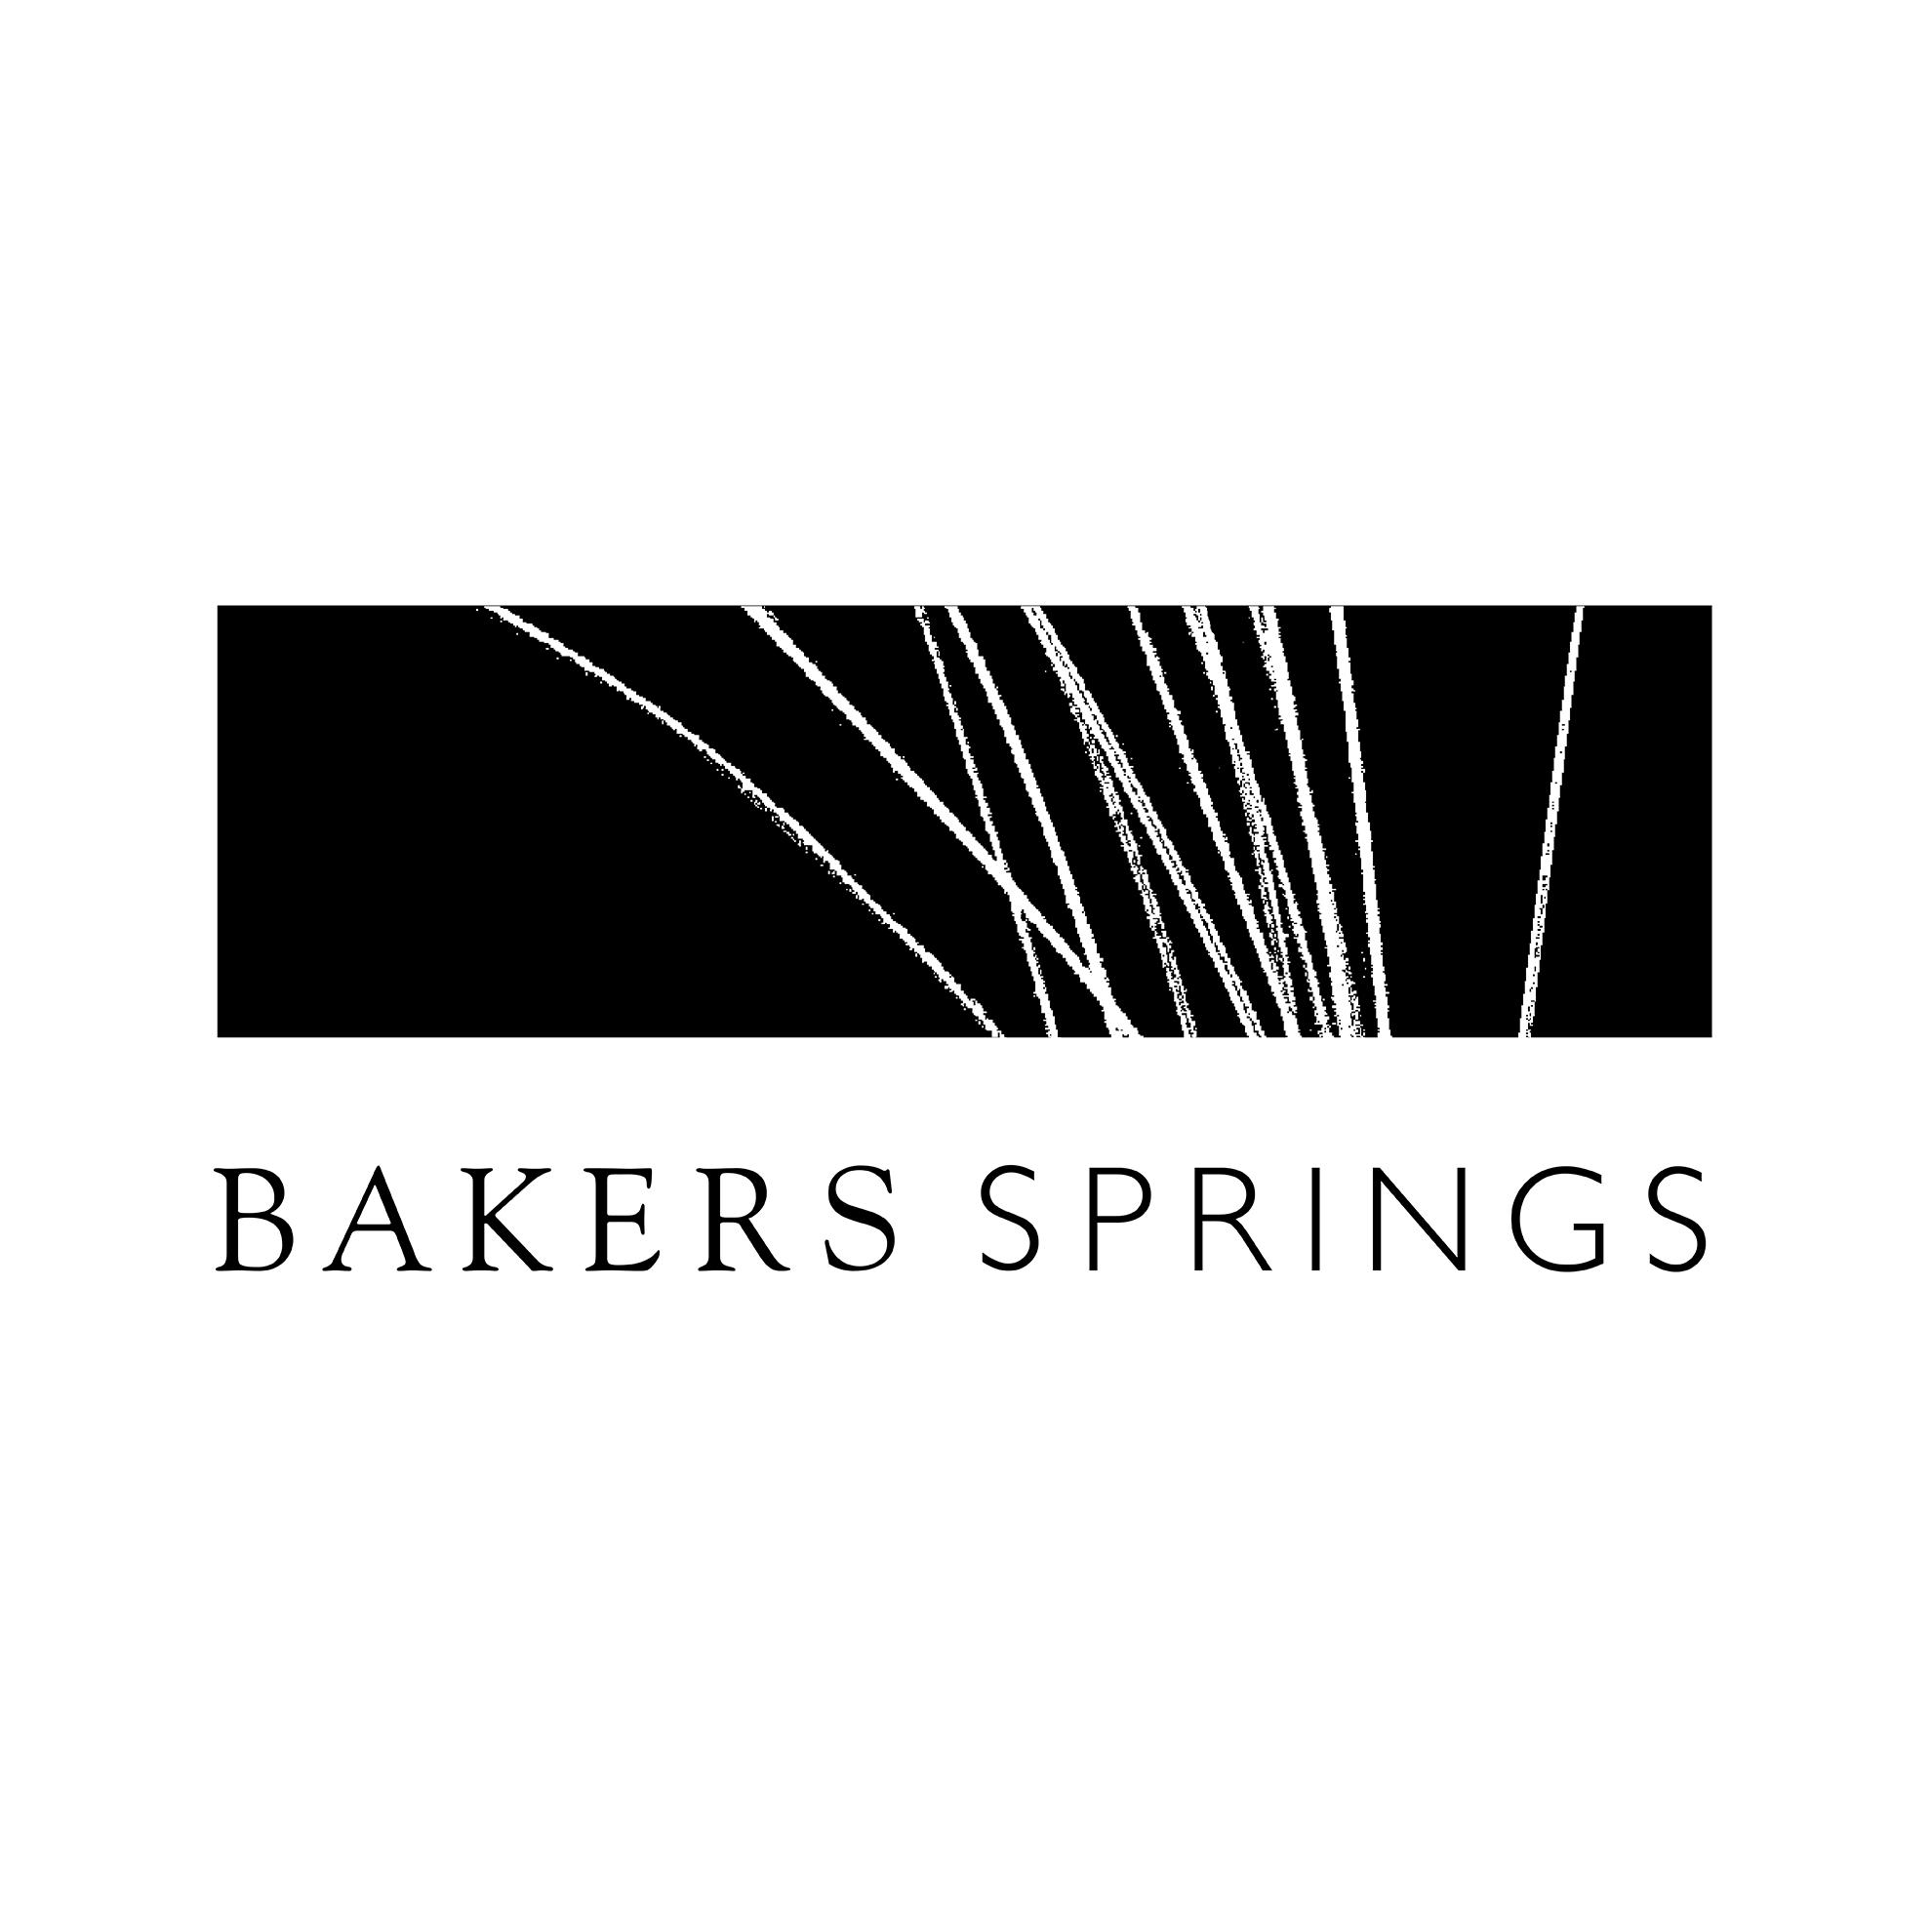 Bakers Springs logo